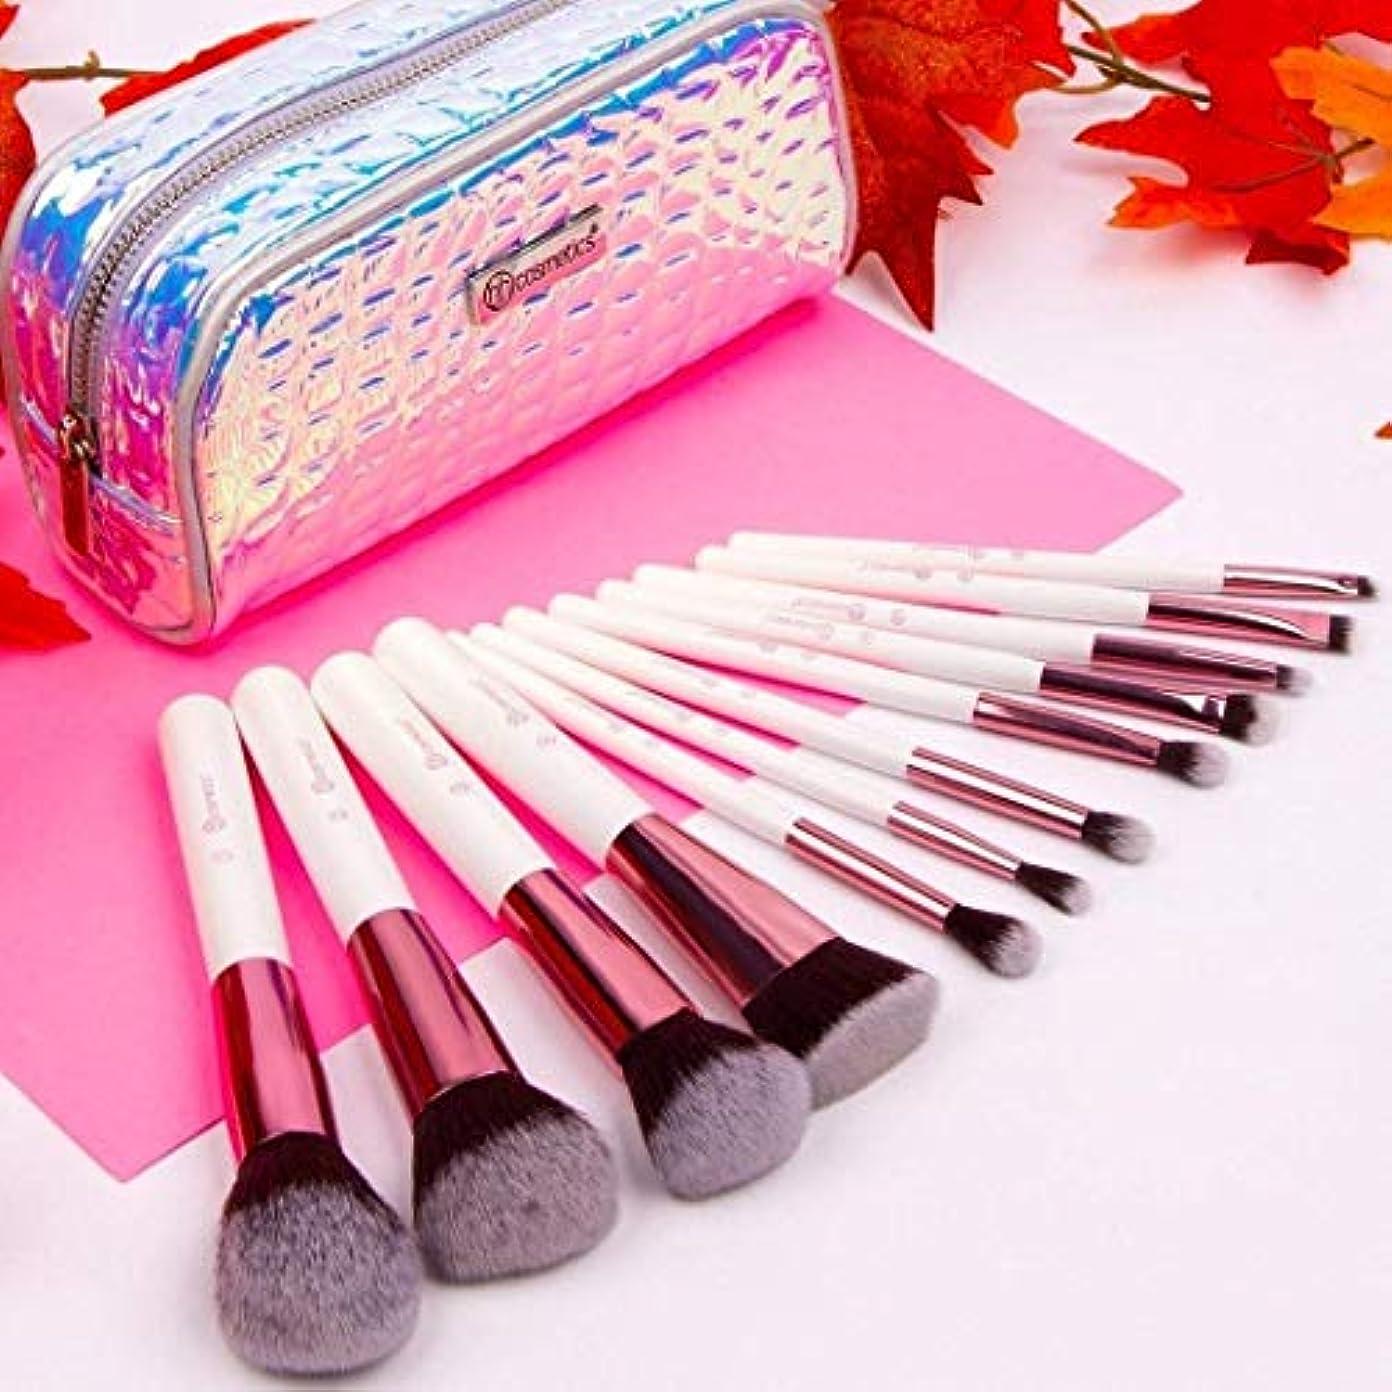 ハンドブック想定する本物BH cosmetics メイクブラシ アイシャドウブラシ 化粧筆 12本セット コスメブラシ 多機能メイクブラシケース付き収納便利 (12本セット)